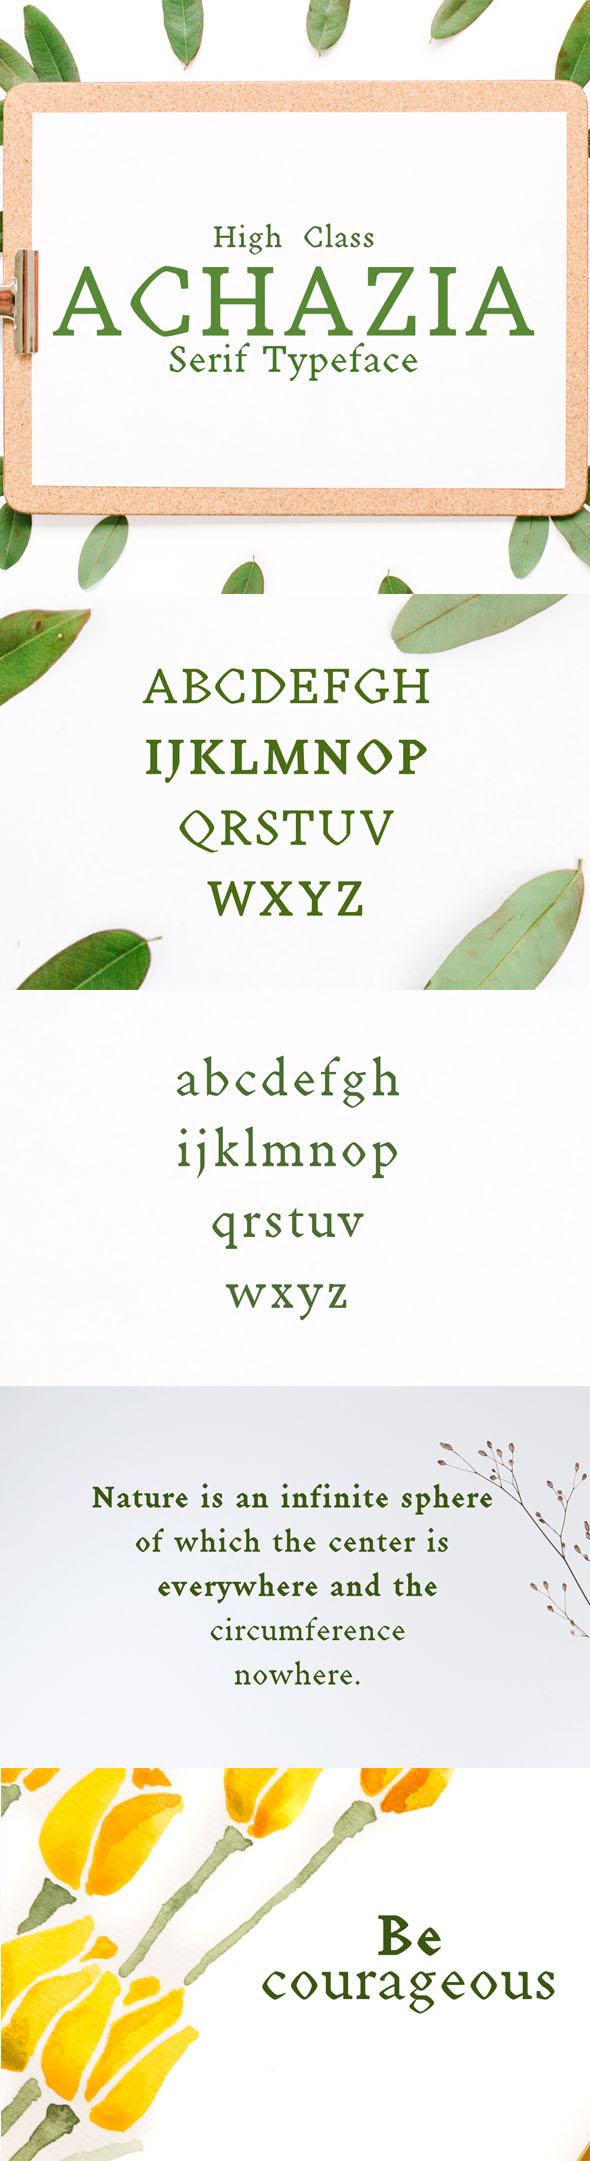 Achazia Serif Typeface - Serif Fonts